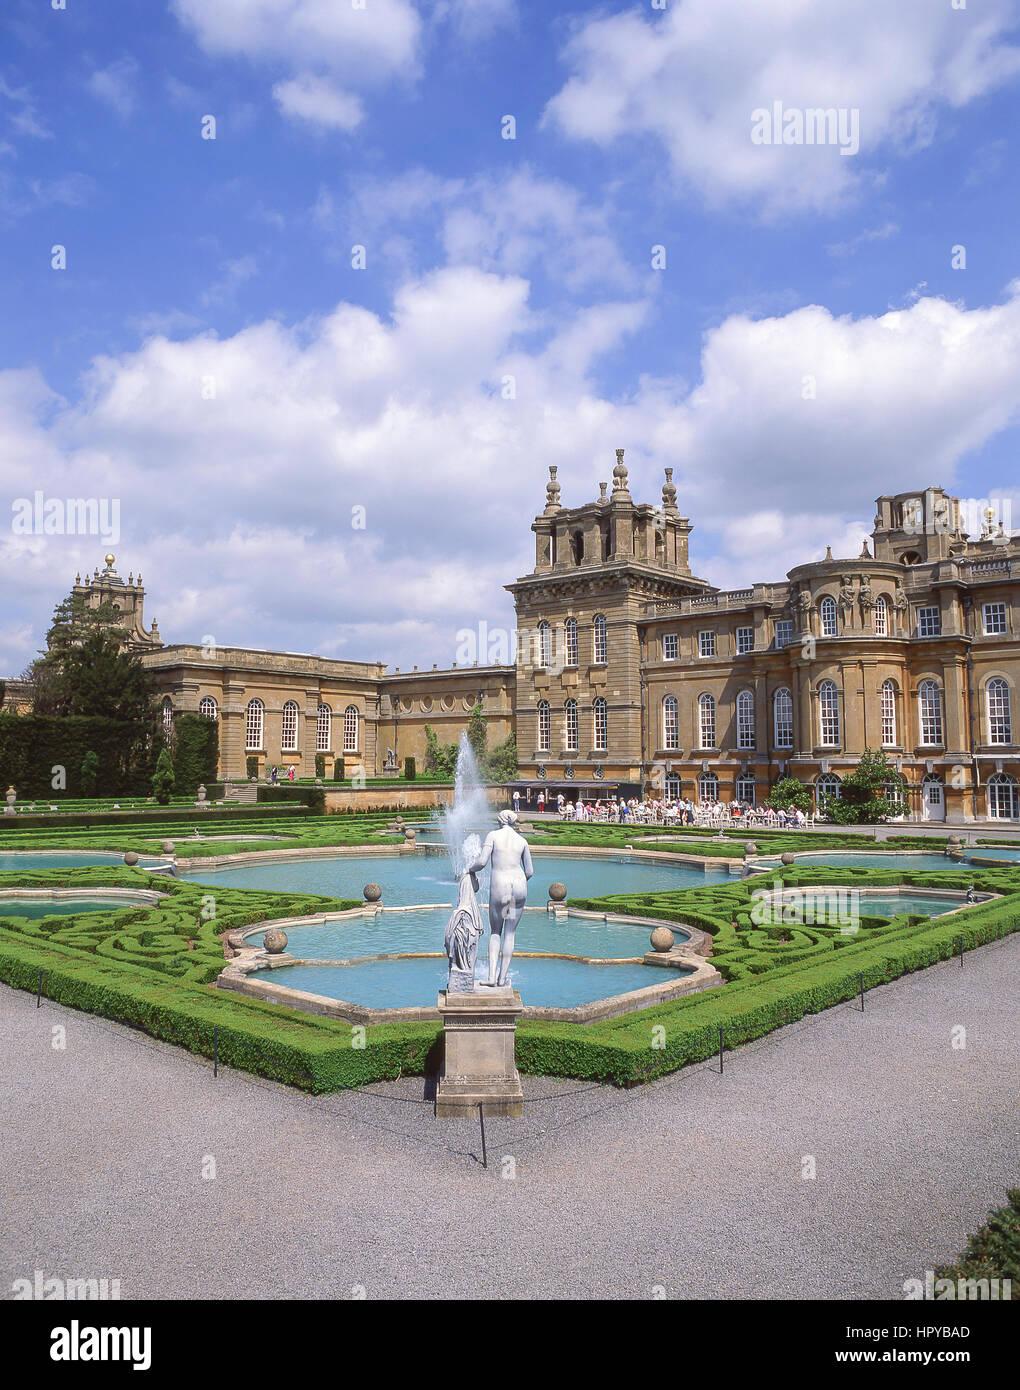 El agua terrazas en el Palacio de Blenheim, Woodstock, Oxford, Oxford, Inglaterra, Reino Unido Imagen De Stock